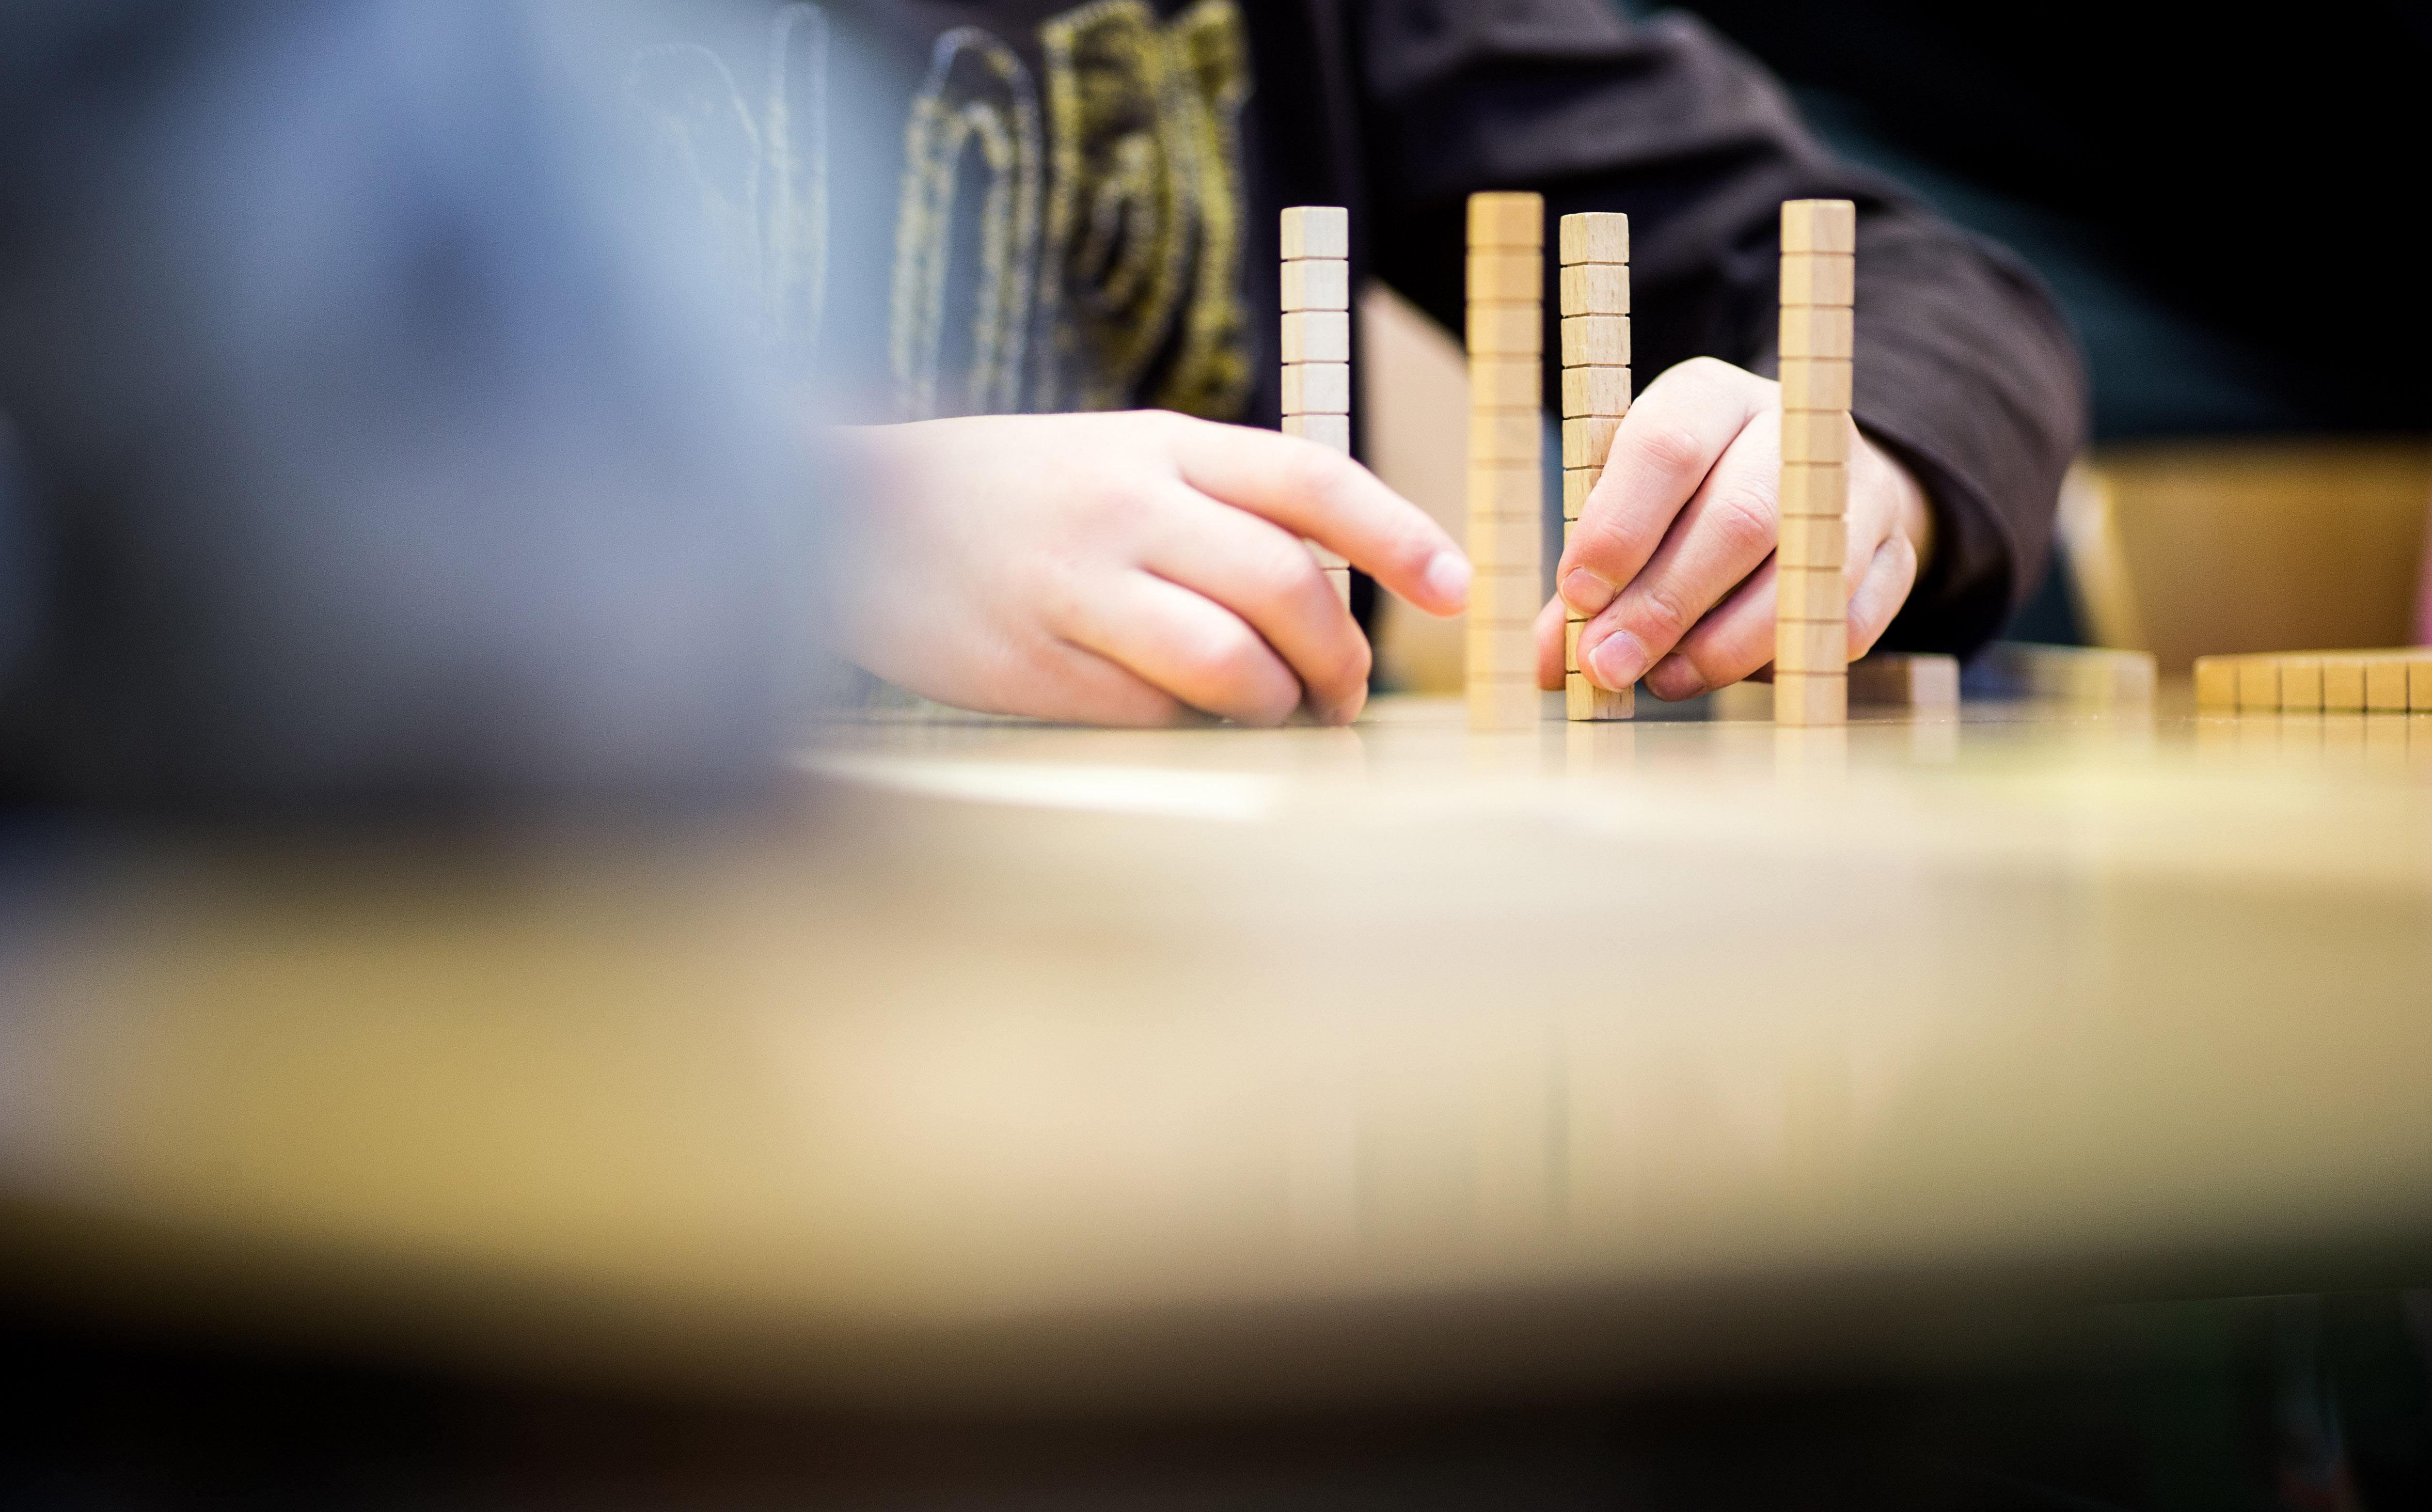 In Den Ersten Schuljahren Wird Dieses Basiswissen Erweitert, Die Kinder  Erlernen Die Grundrechenarten Und Verinnerlichen Die Basis Mathematischer  ...